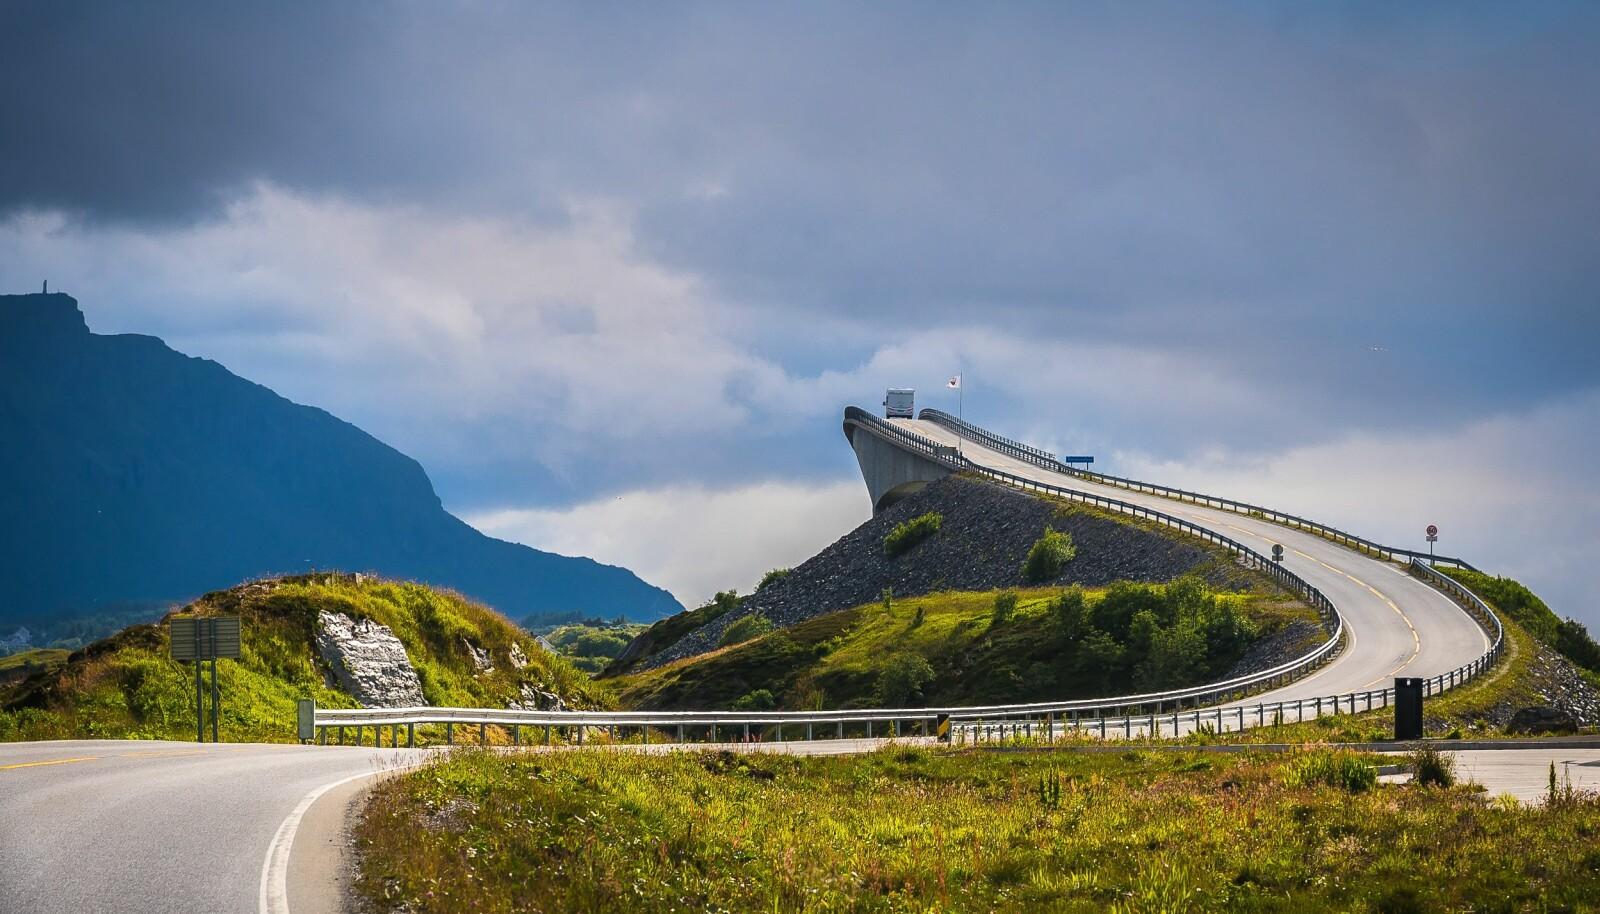 <b>NORSK GRUNNFAG: </b>Storseisundbrua på Atlanterhavsvegen står på mange nordmenns besøkliste i sommer.